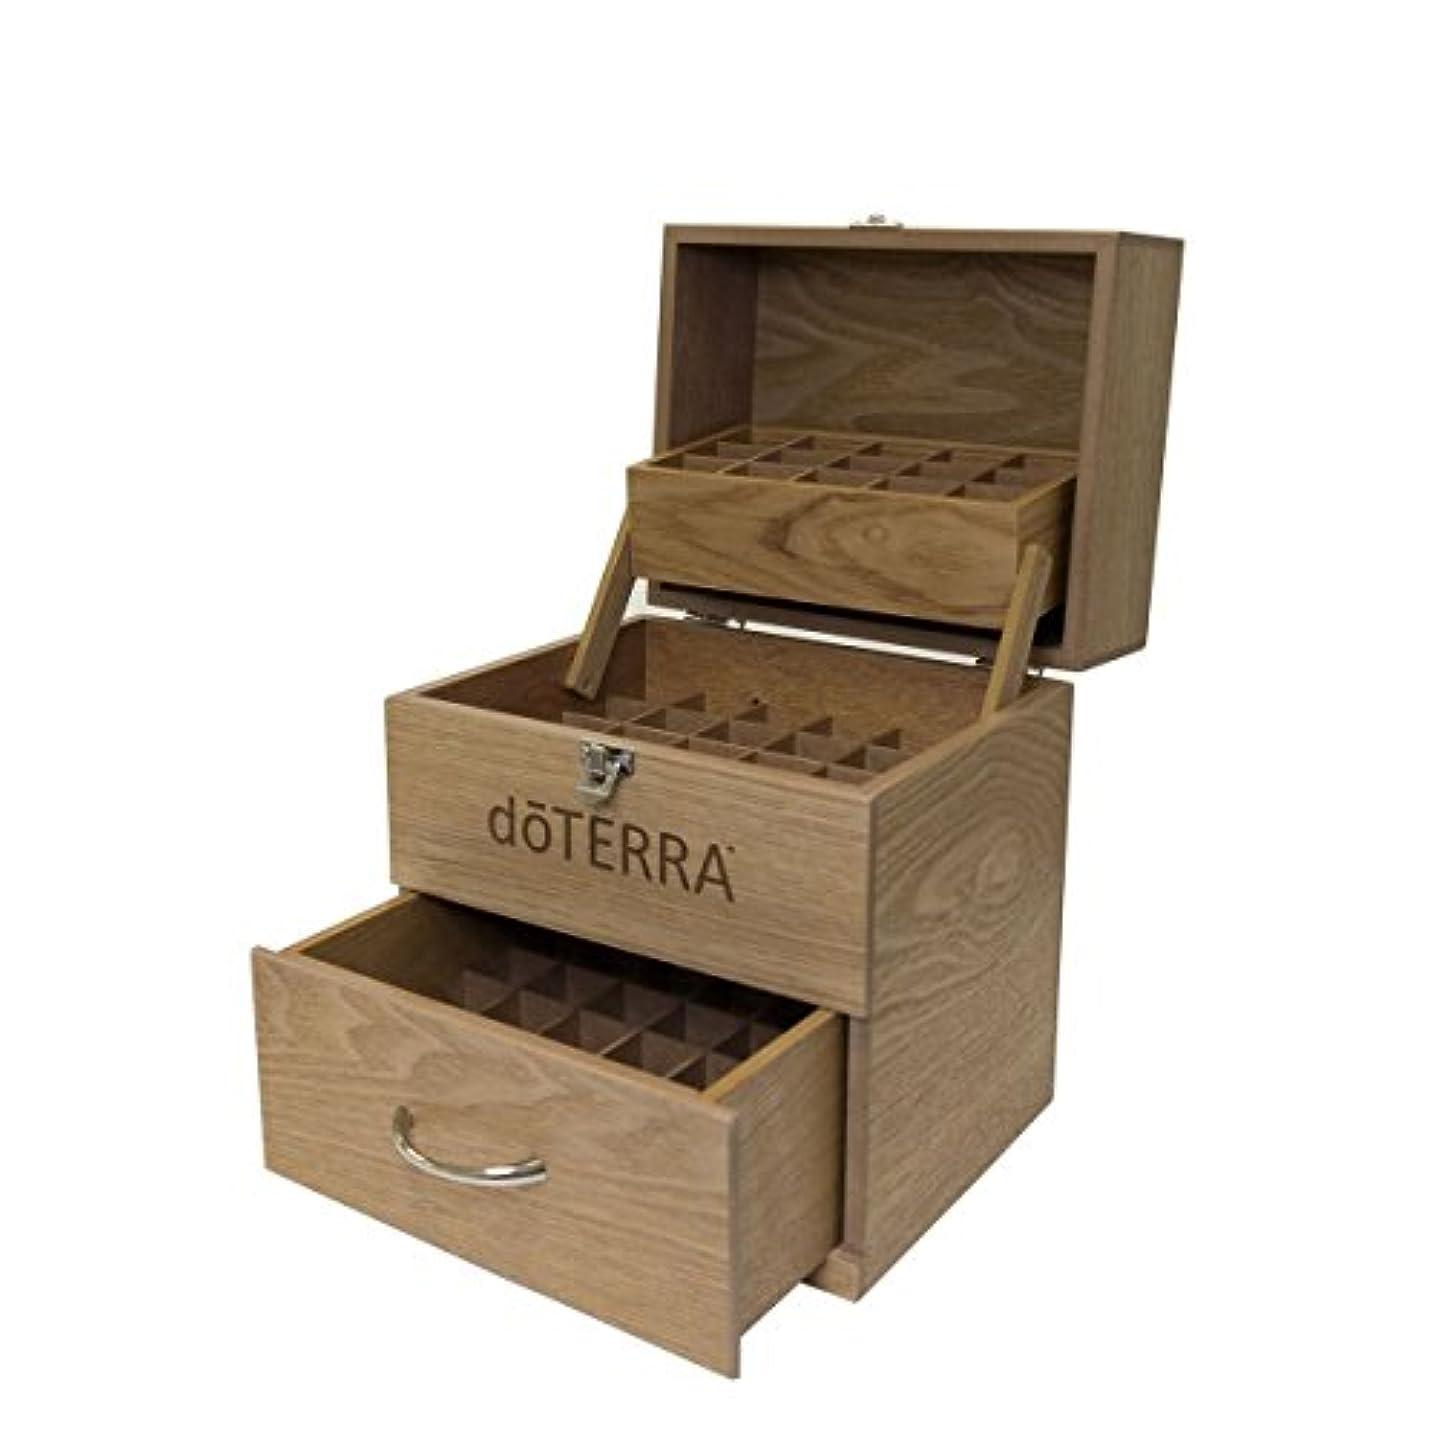 安いです顕著密(ドテラ) doTERRA ウッドボックス ライトブラウン 窓付き 木箱 エッセンシャルオイル 精油 整理箱 3段ボックス 75本